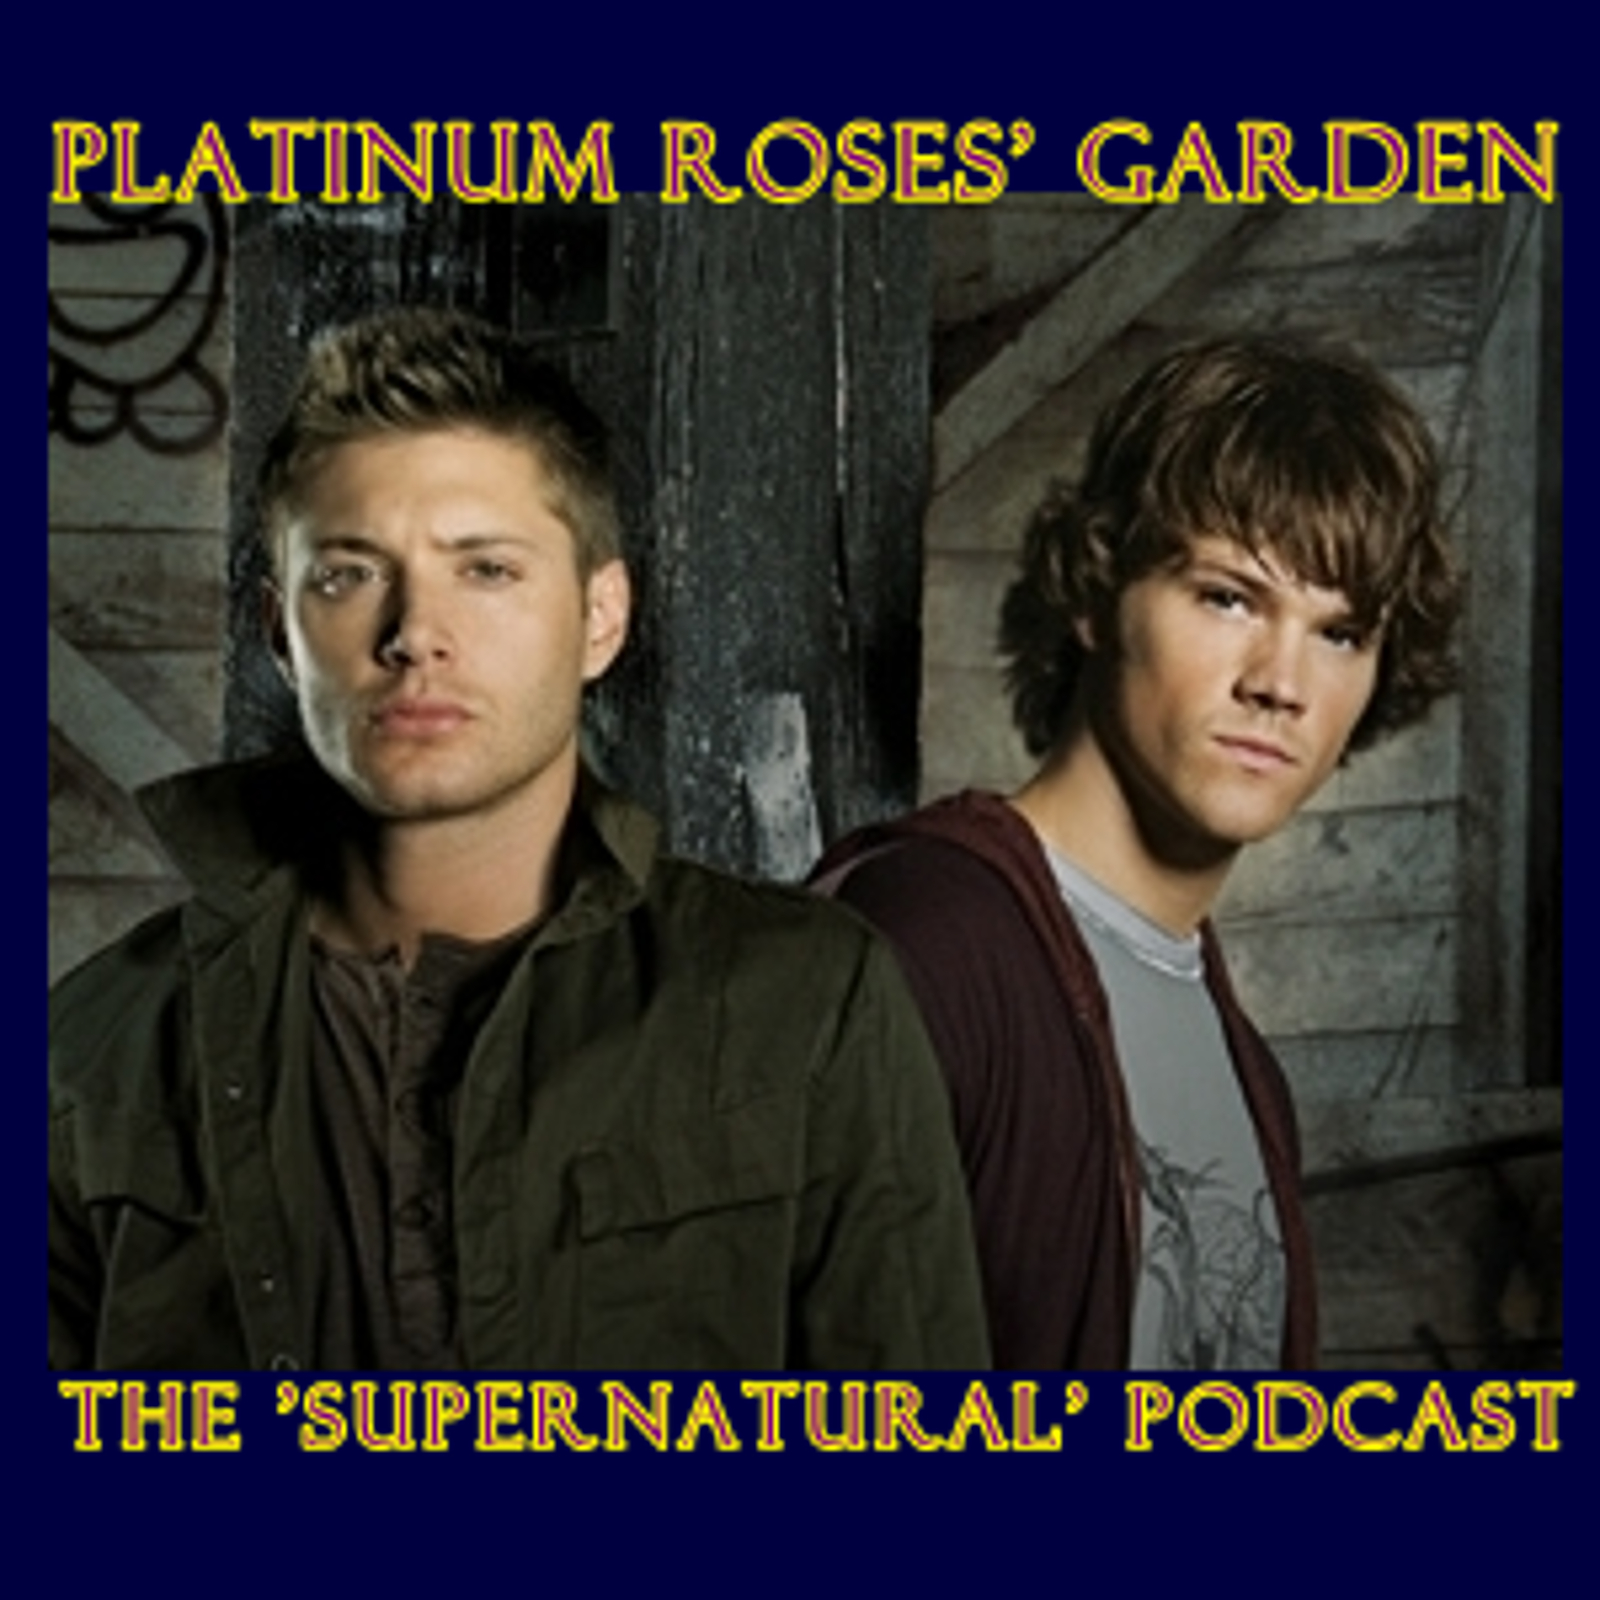 Artwork for Platinum Roses' Garden - October 16 2011